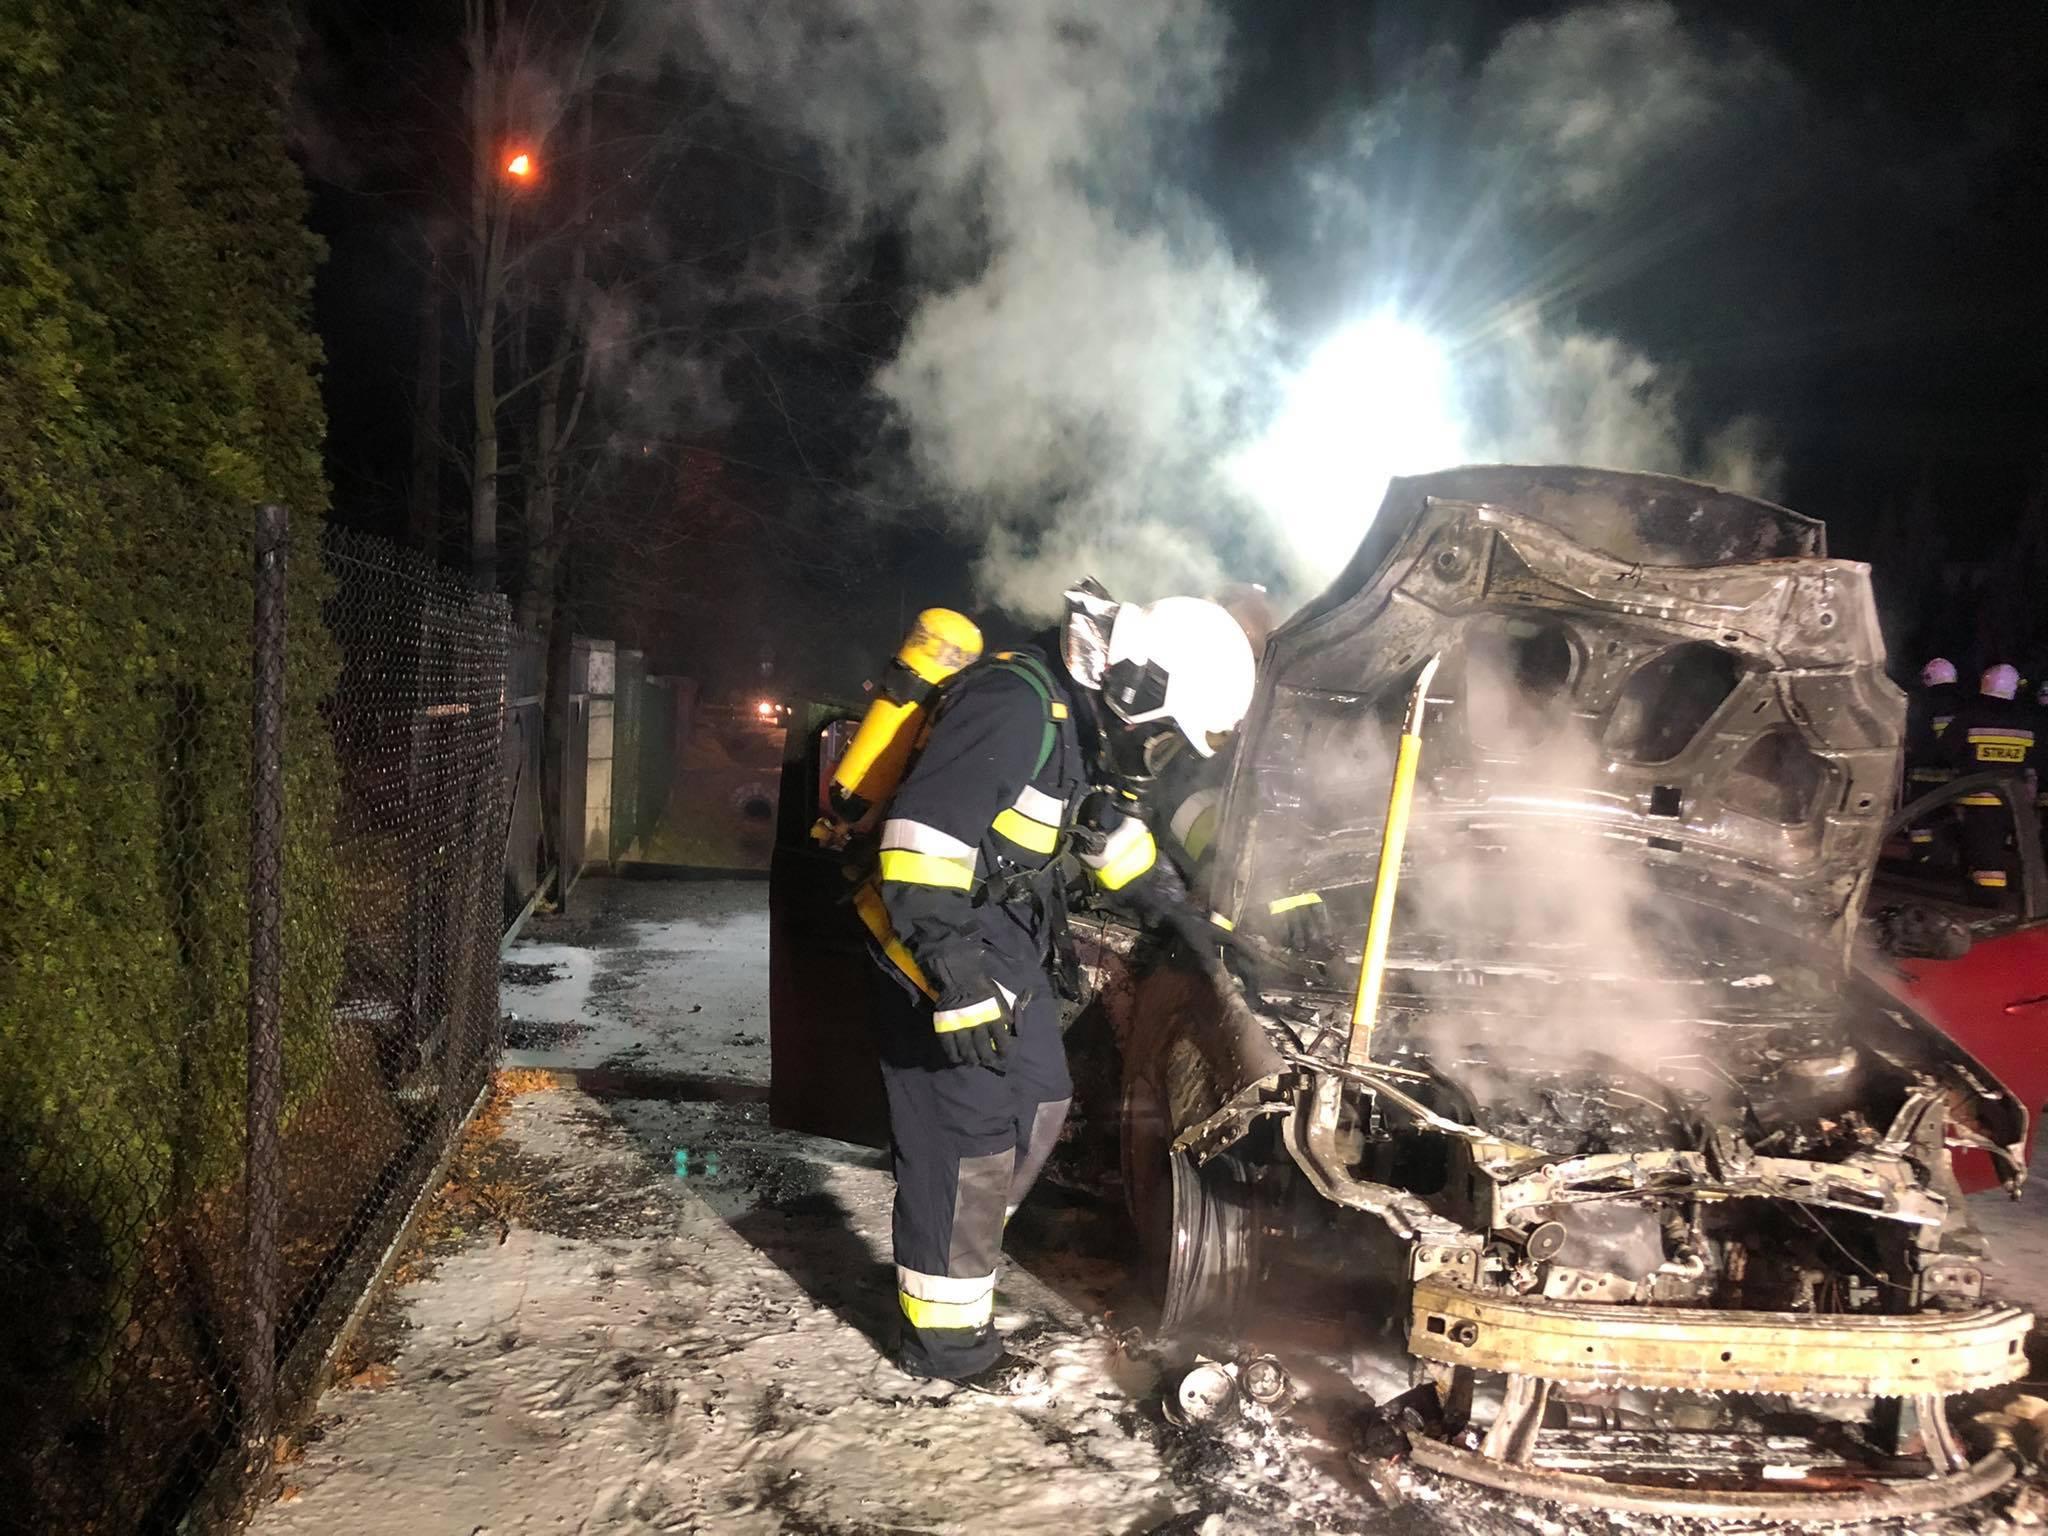 Samochód stanął w ogniu. Strażacy walczyli z pożarem - Zdjęcie główne